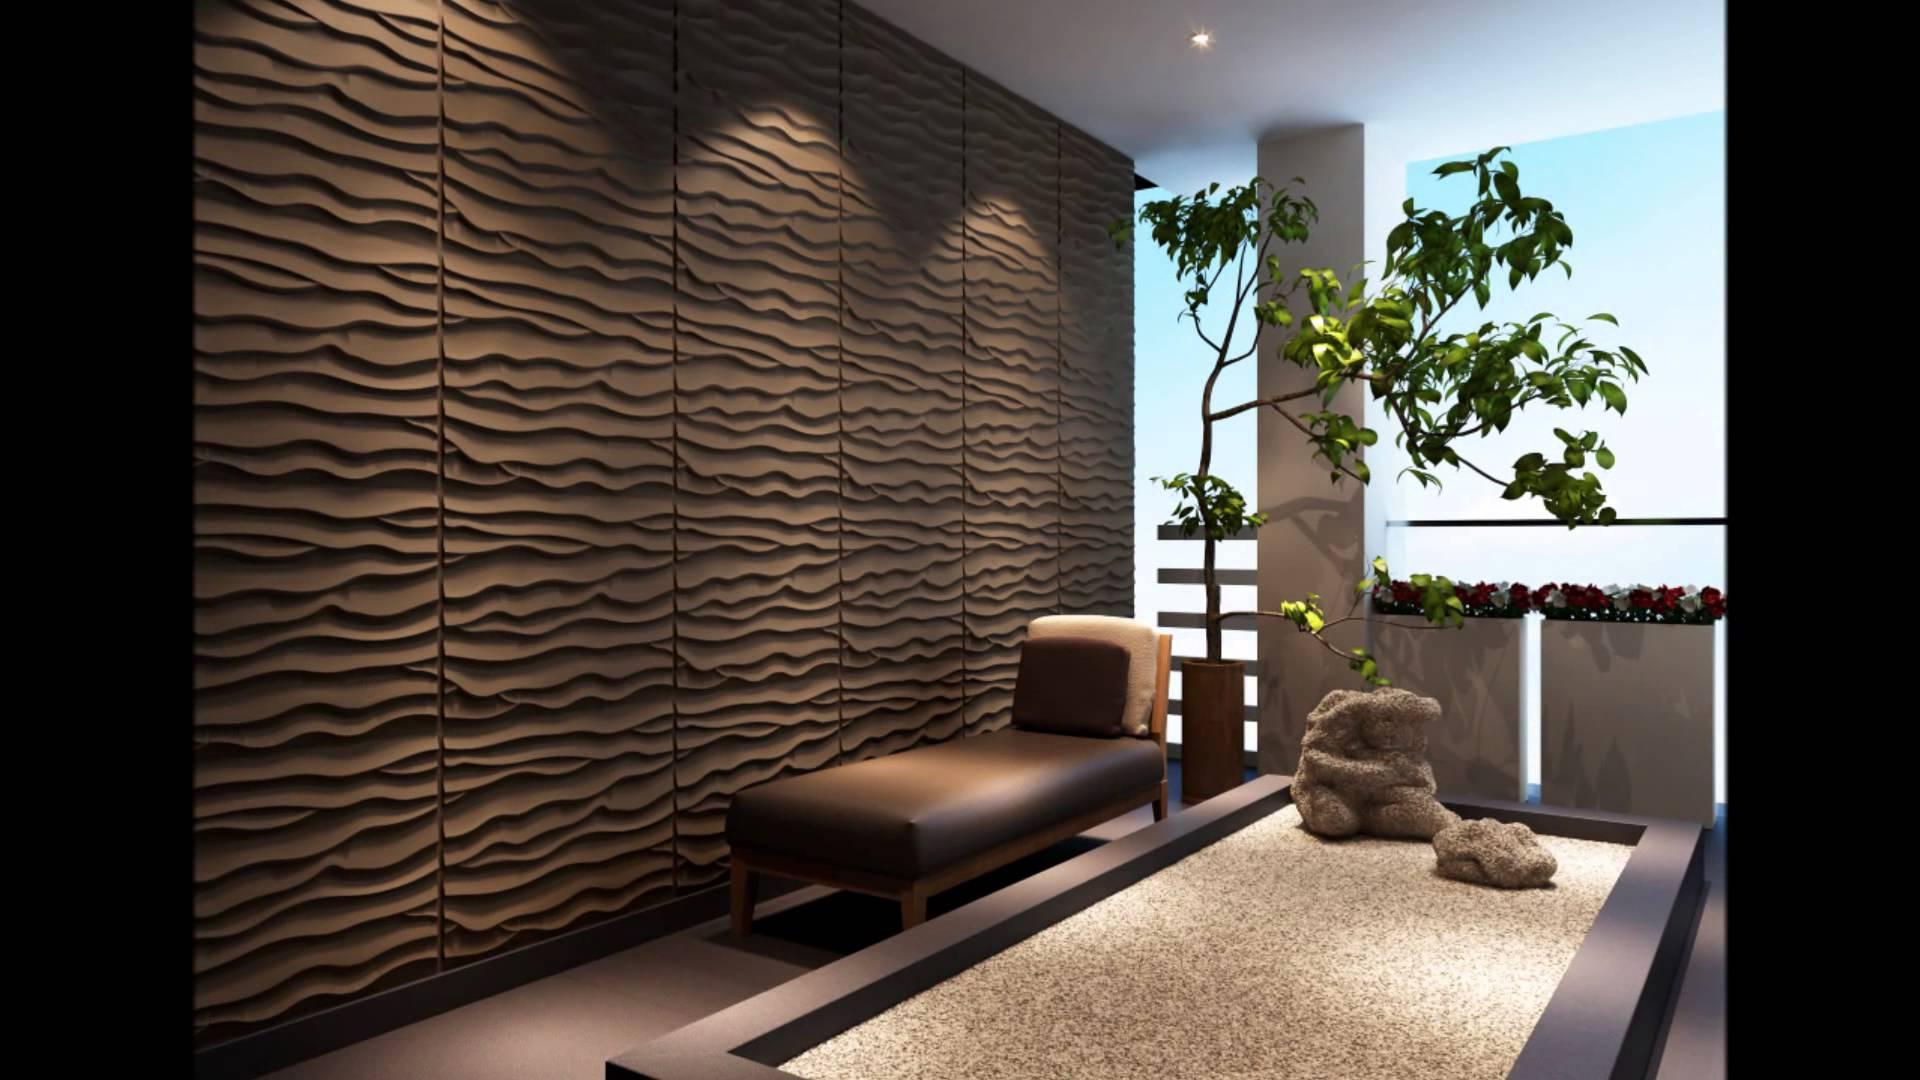 triwol 3d decorative interior wall panels - wall art 3d wall panel PJSBGGX